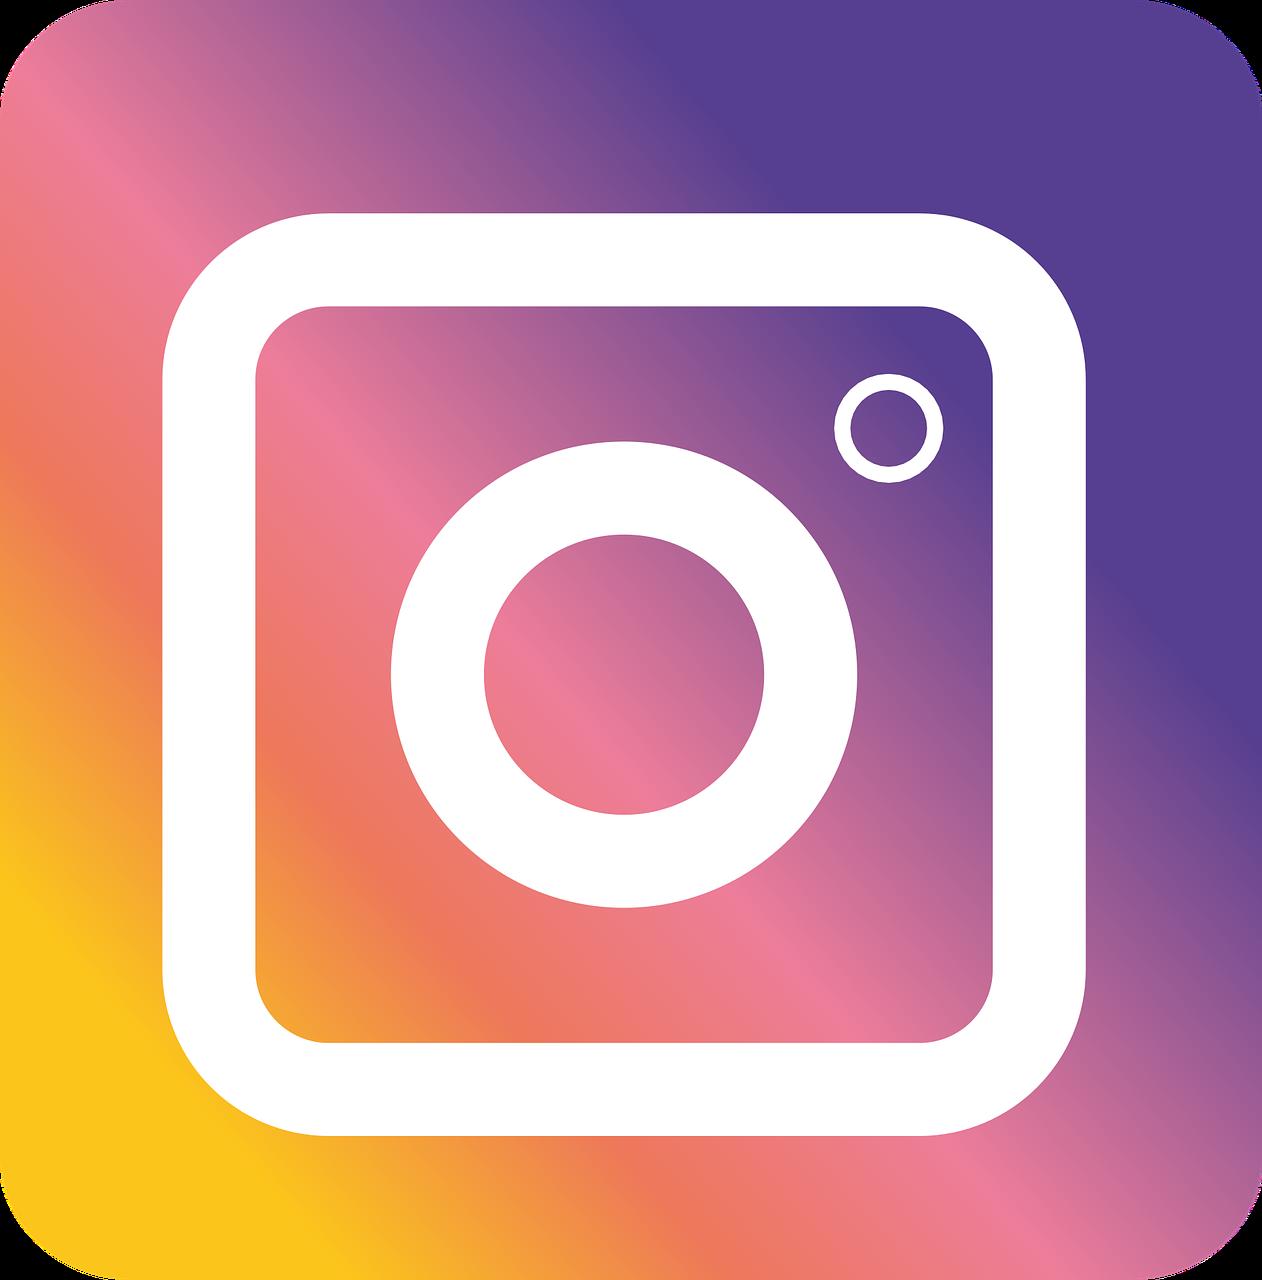 Instagramの回復コードが機能していませんか